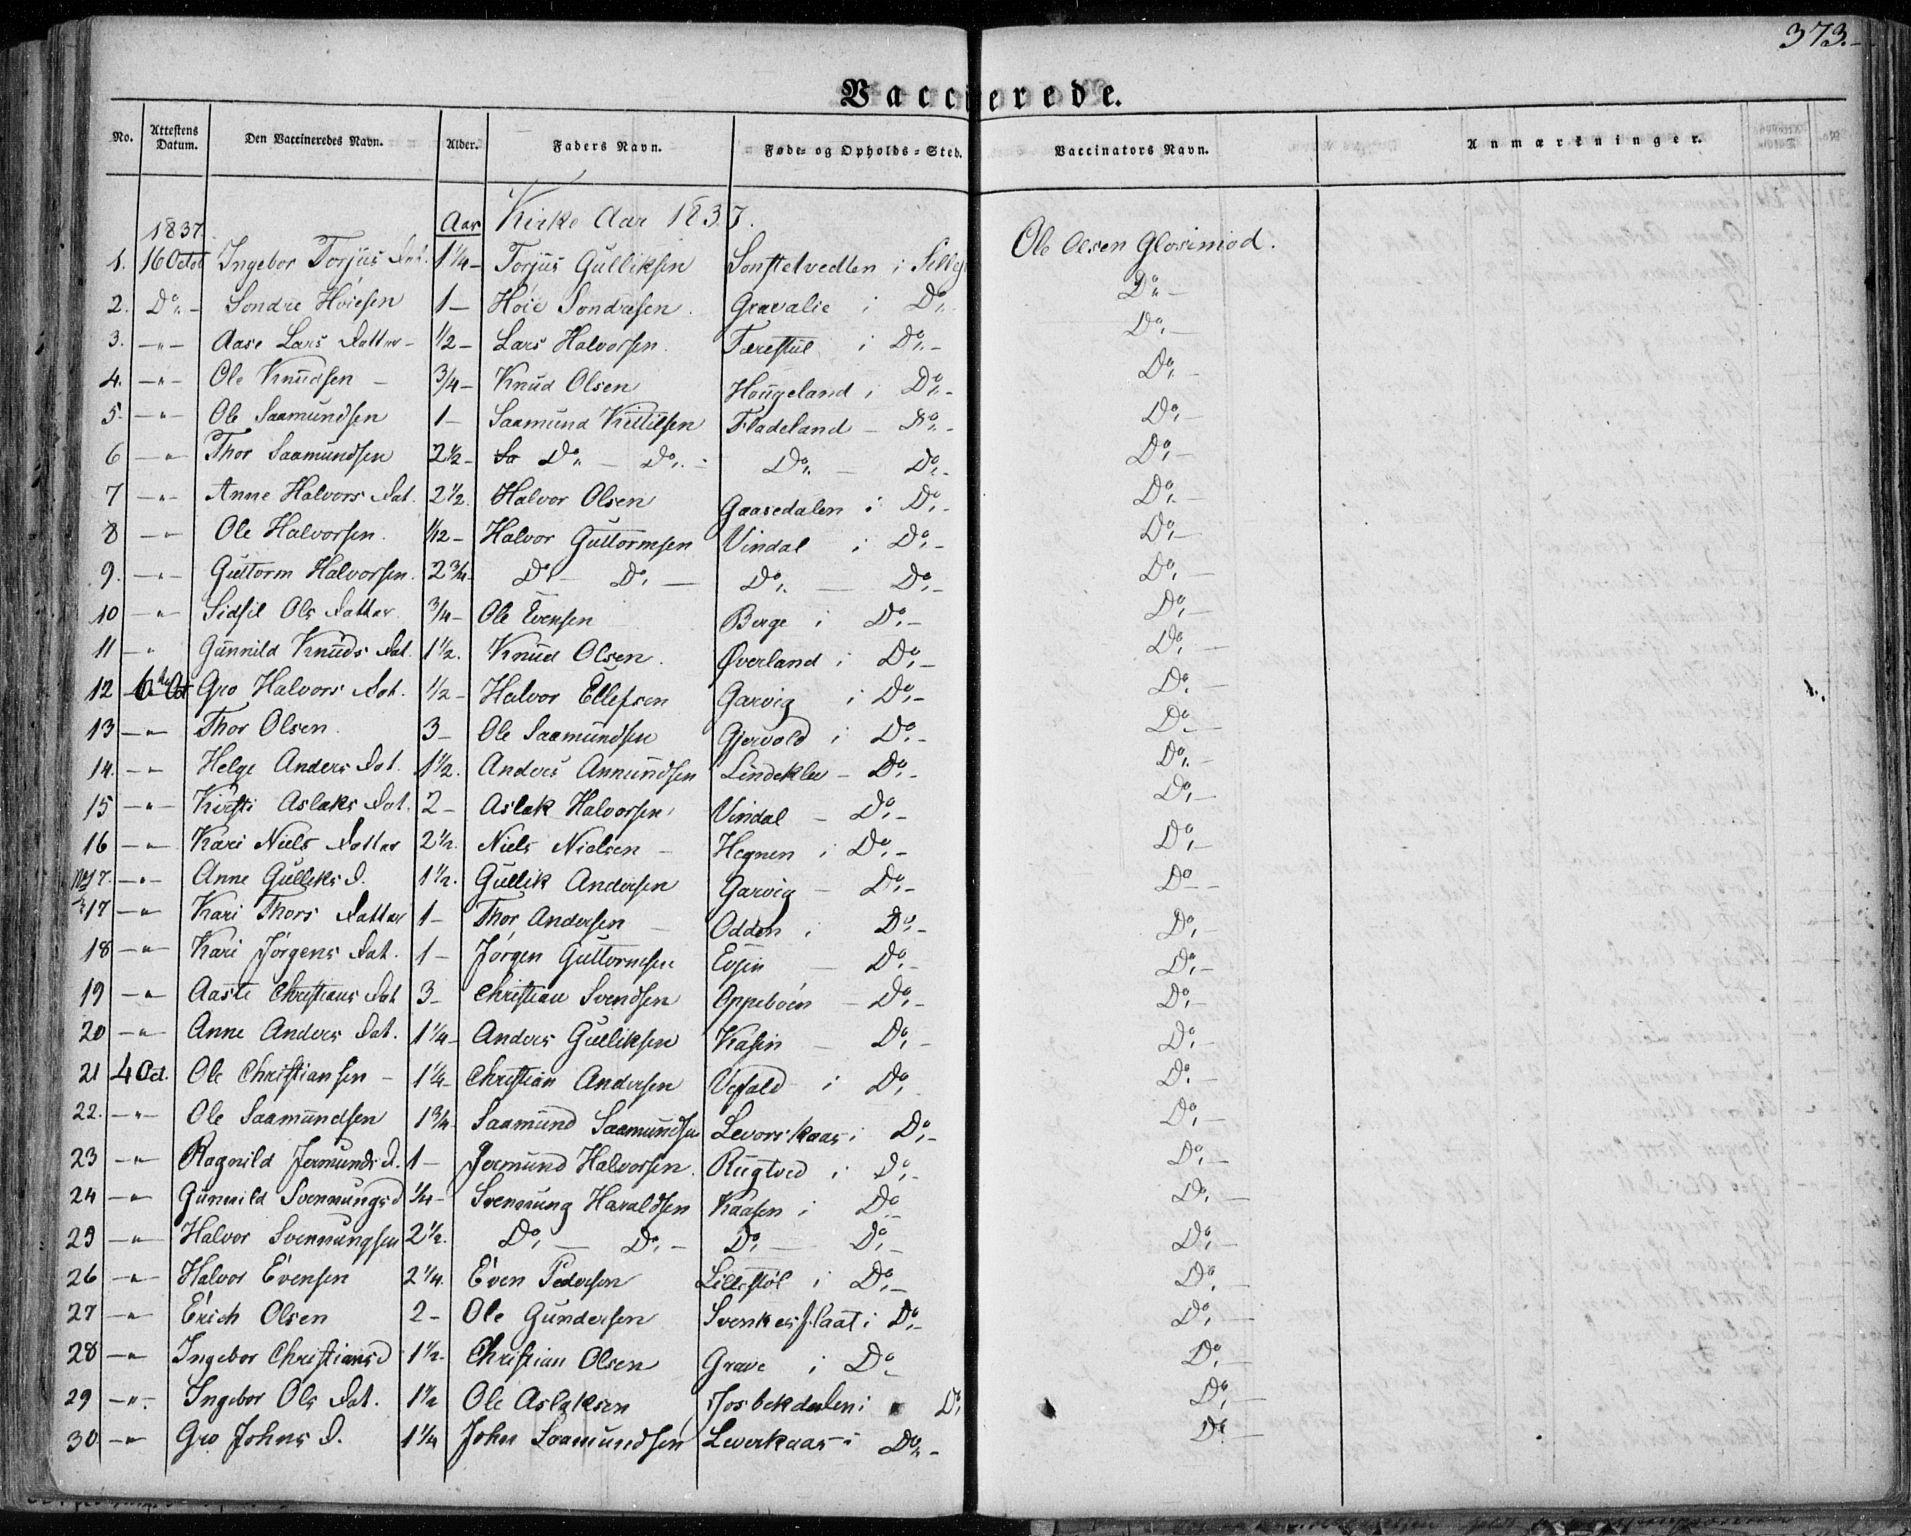 SAKO, Seljord kirkebøker, F/Fa/L0011: Ministerialbok nr. I 11, 1831-1849, s. 373